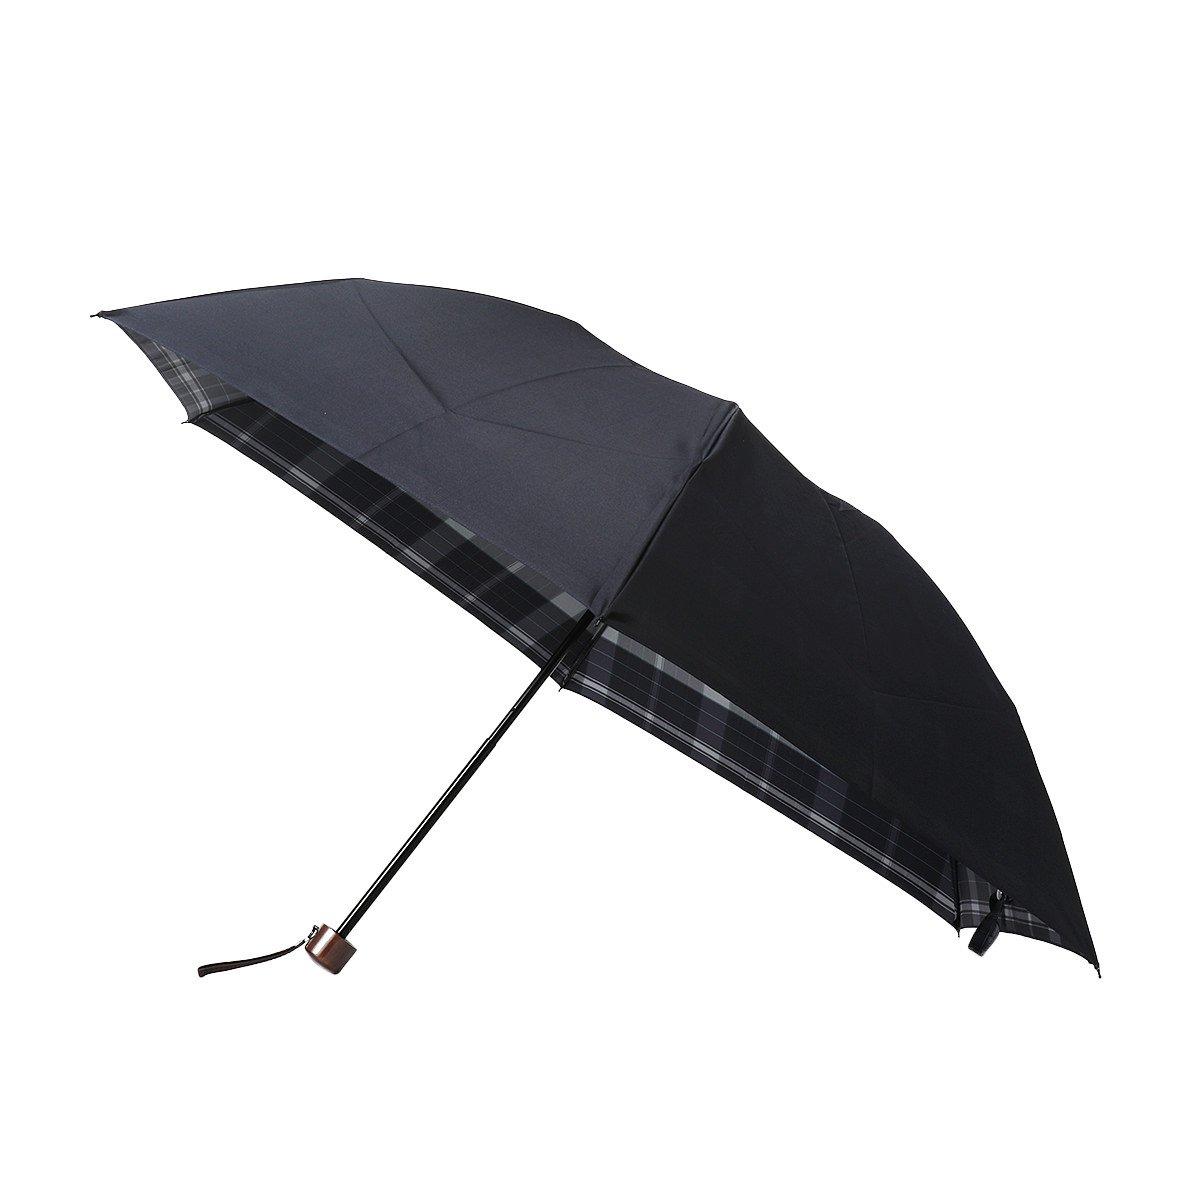 Wフェイス ビッグチェック 折りたたみ傘 詳細画像7